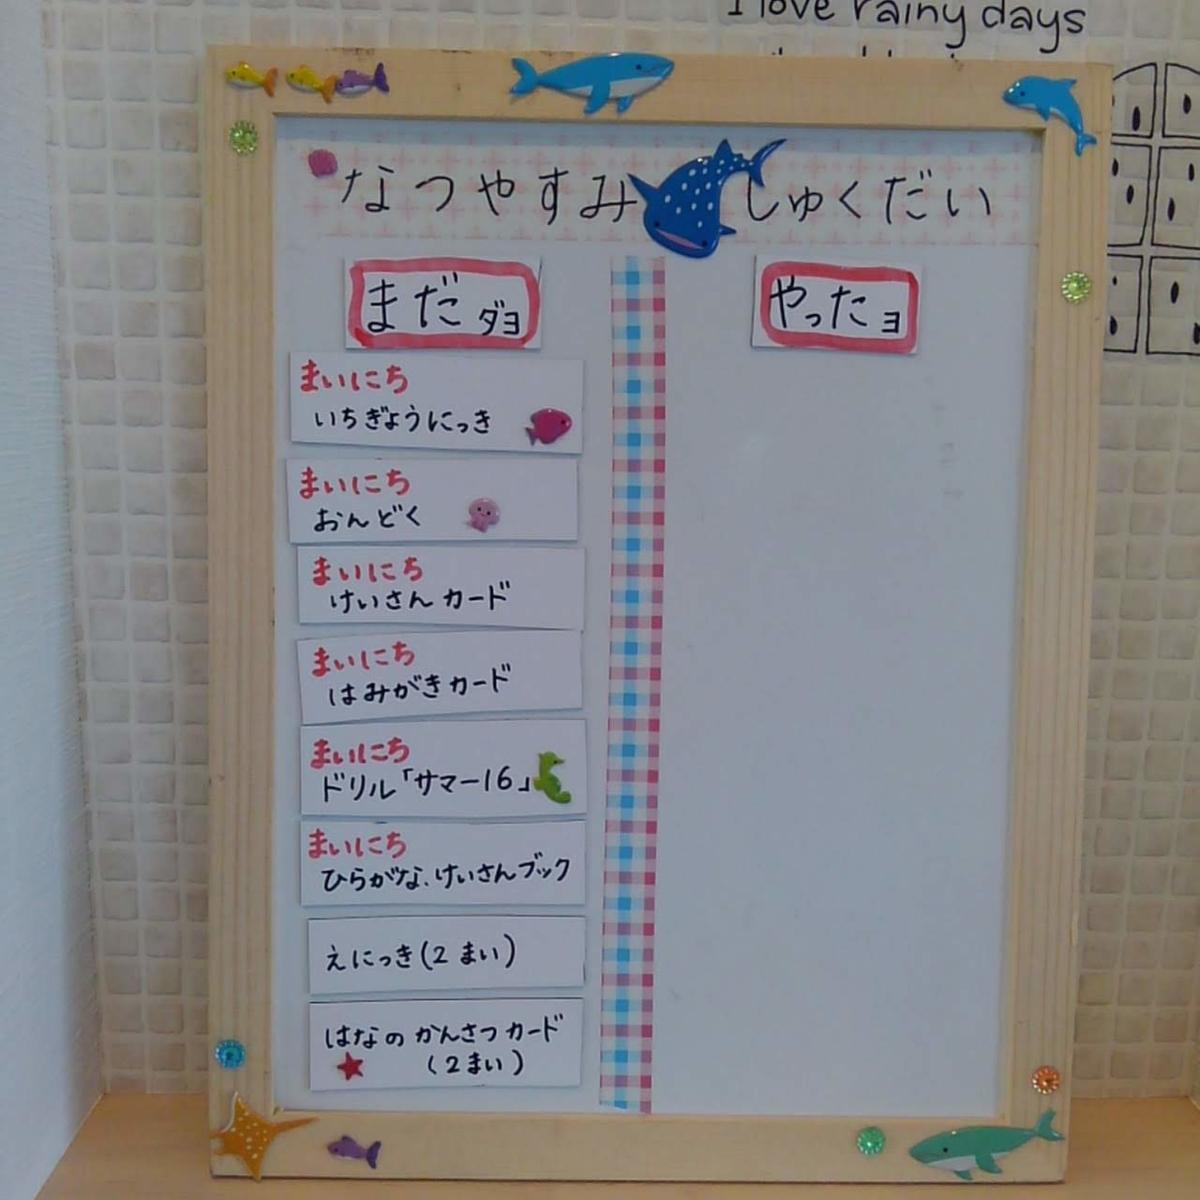 夏休みの宿題 宿題ボード 宿題の見える化